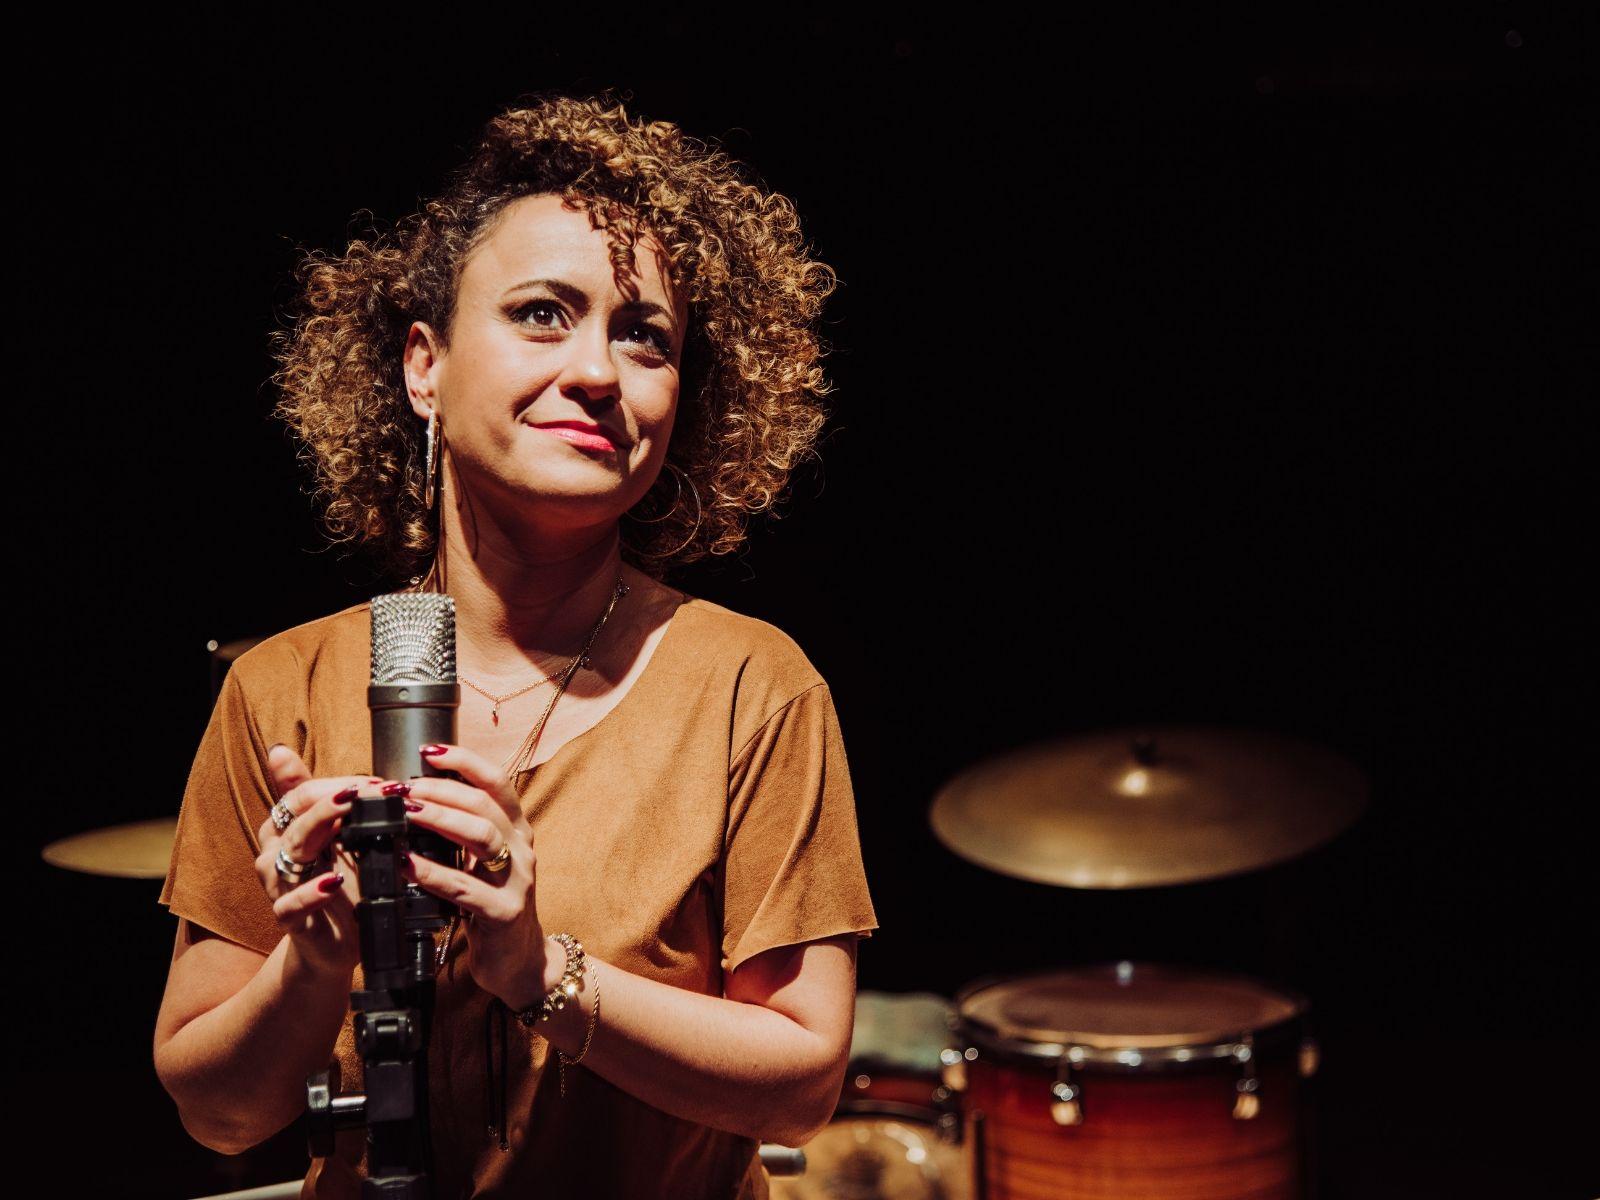 Bastidores clipe Ana Lúcia